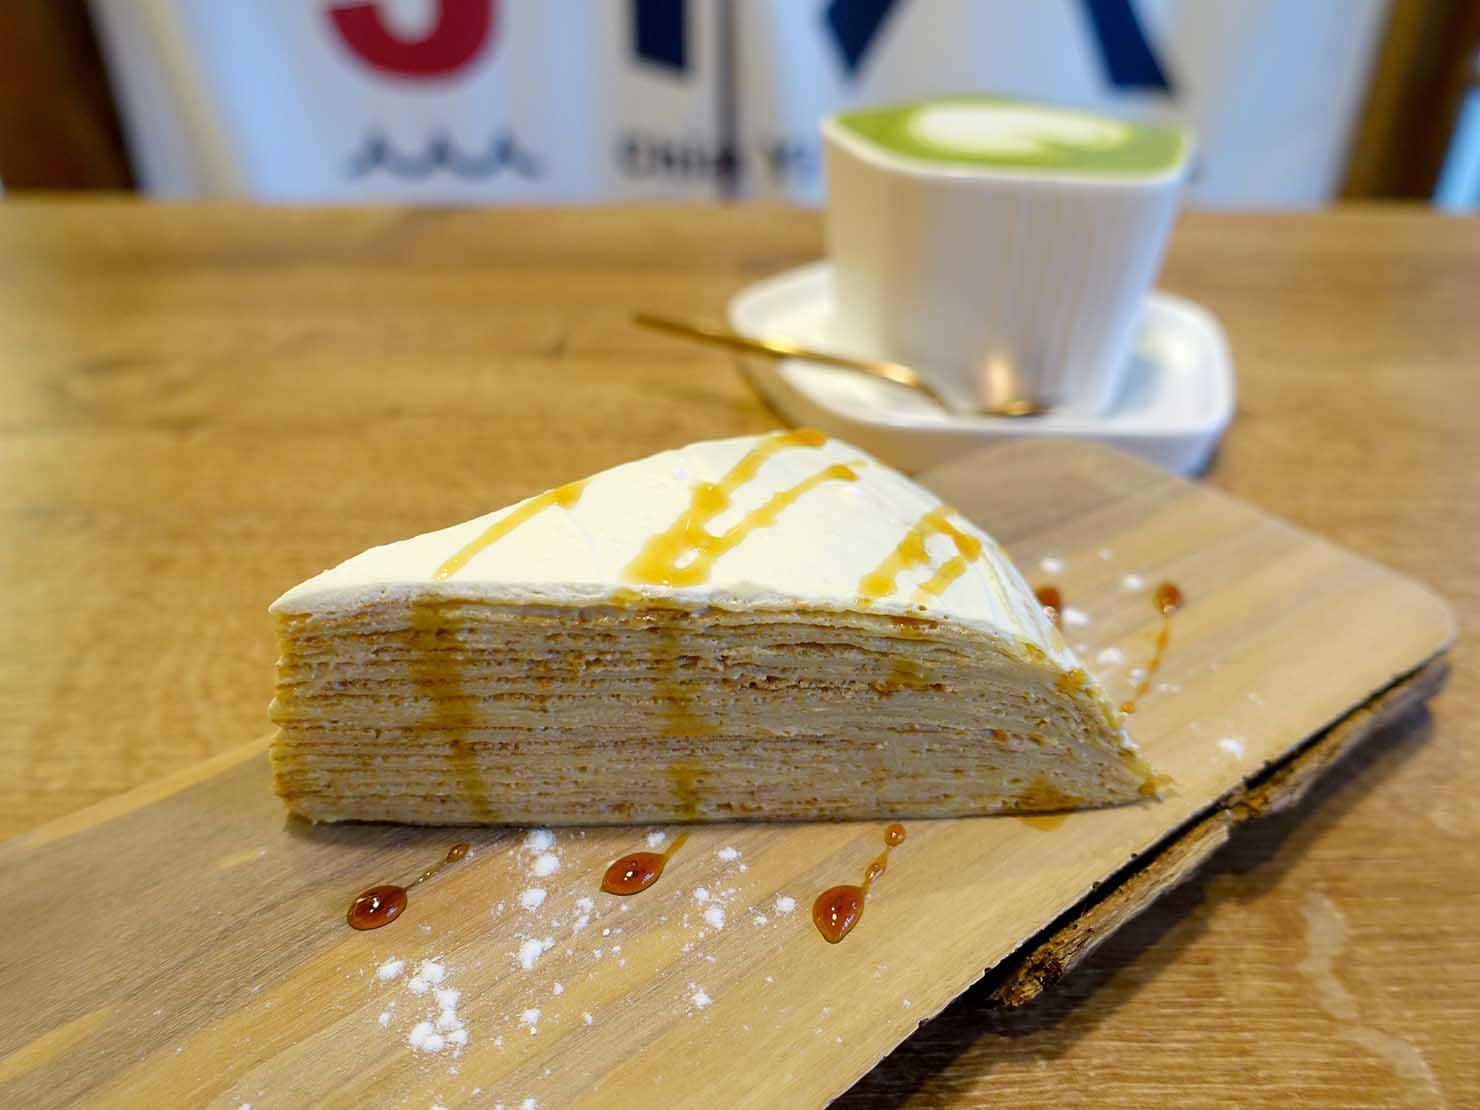 嘉義のおすすめ観光スポット「嘉義市史蹟資料館」のカフェでいただくケーキ